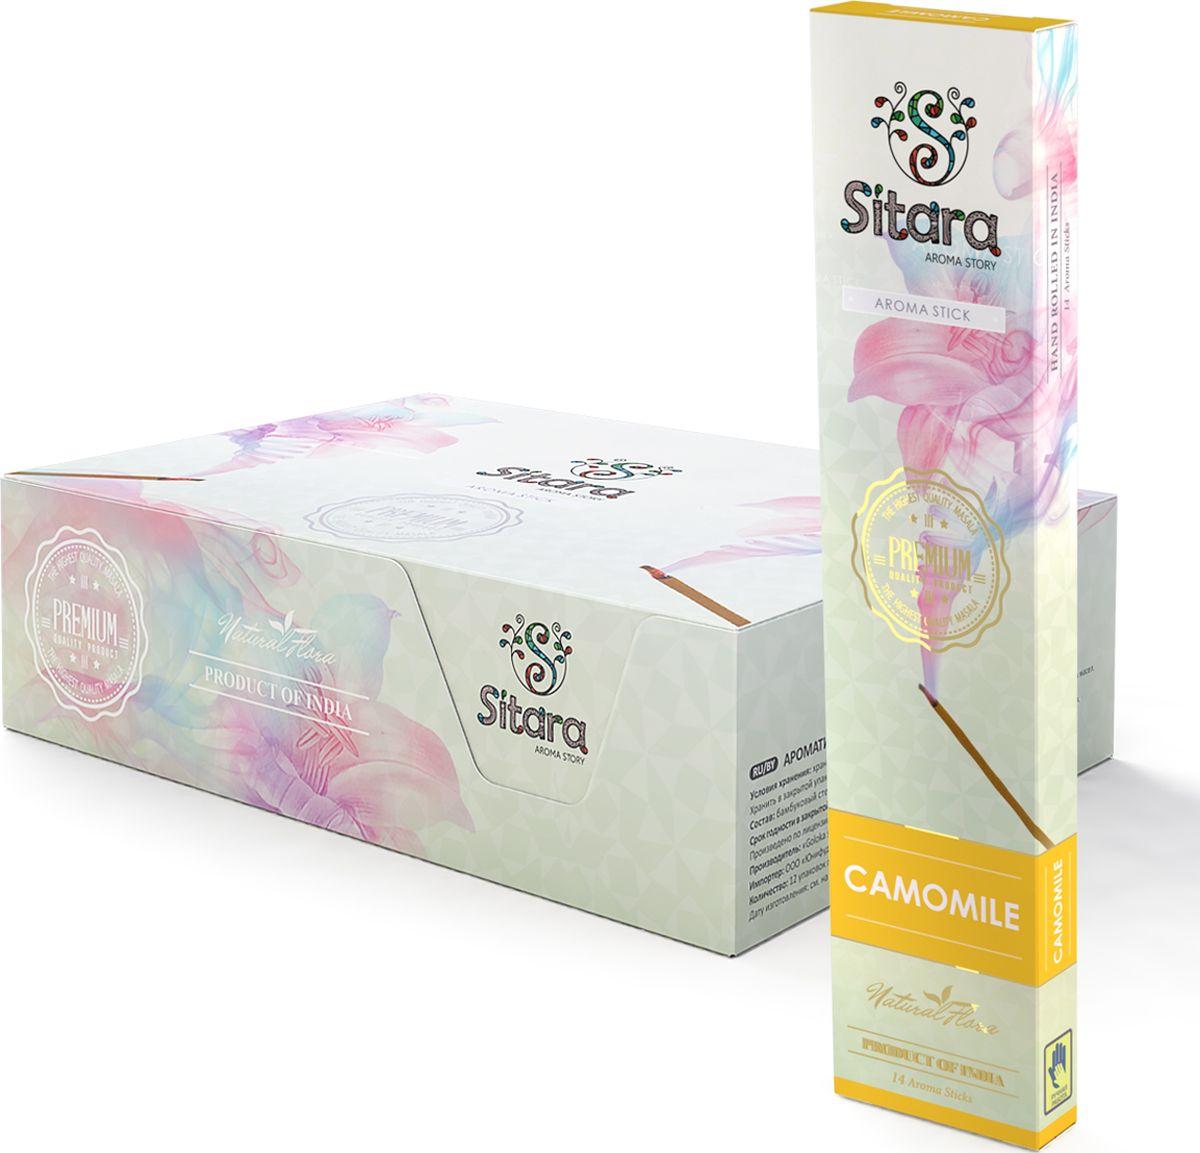 Ароматические палочки Sitara Premium Camomile, 14 палочек10316Обзор:Сладковатый аромат ромашки воплощает в себе мягкое сочетание меда и трав.Ромашка помогает успокоиться, отрешиться от перенапряжения.Такой аромат поможет вам избавиться от бессонницы и поднять настроение.В совершенстве подойдёт любителям цветочных, пряных запахов. Способ применения:Поджечь сторону, противоположную бамбуковому основанию. Через несколько секунд после возгорания задуть пламя. Поставить ароматическую палочку в подставку, соблюдая необходимые меры пожарной безопасности.Состав:Бамбуковый стержень (Bamboo rod), натуральный мед (Honey), смола и пудра сандалового дерева (Resin and sandalwood powder), натуральная эссенция эфирных масел (Essential oils)С осторожностью: Людям страдающими заболеваниями дыхательных путей, аллергическими реакциями, при беременности.